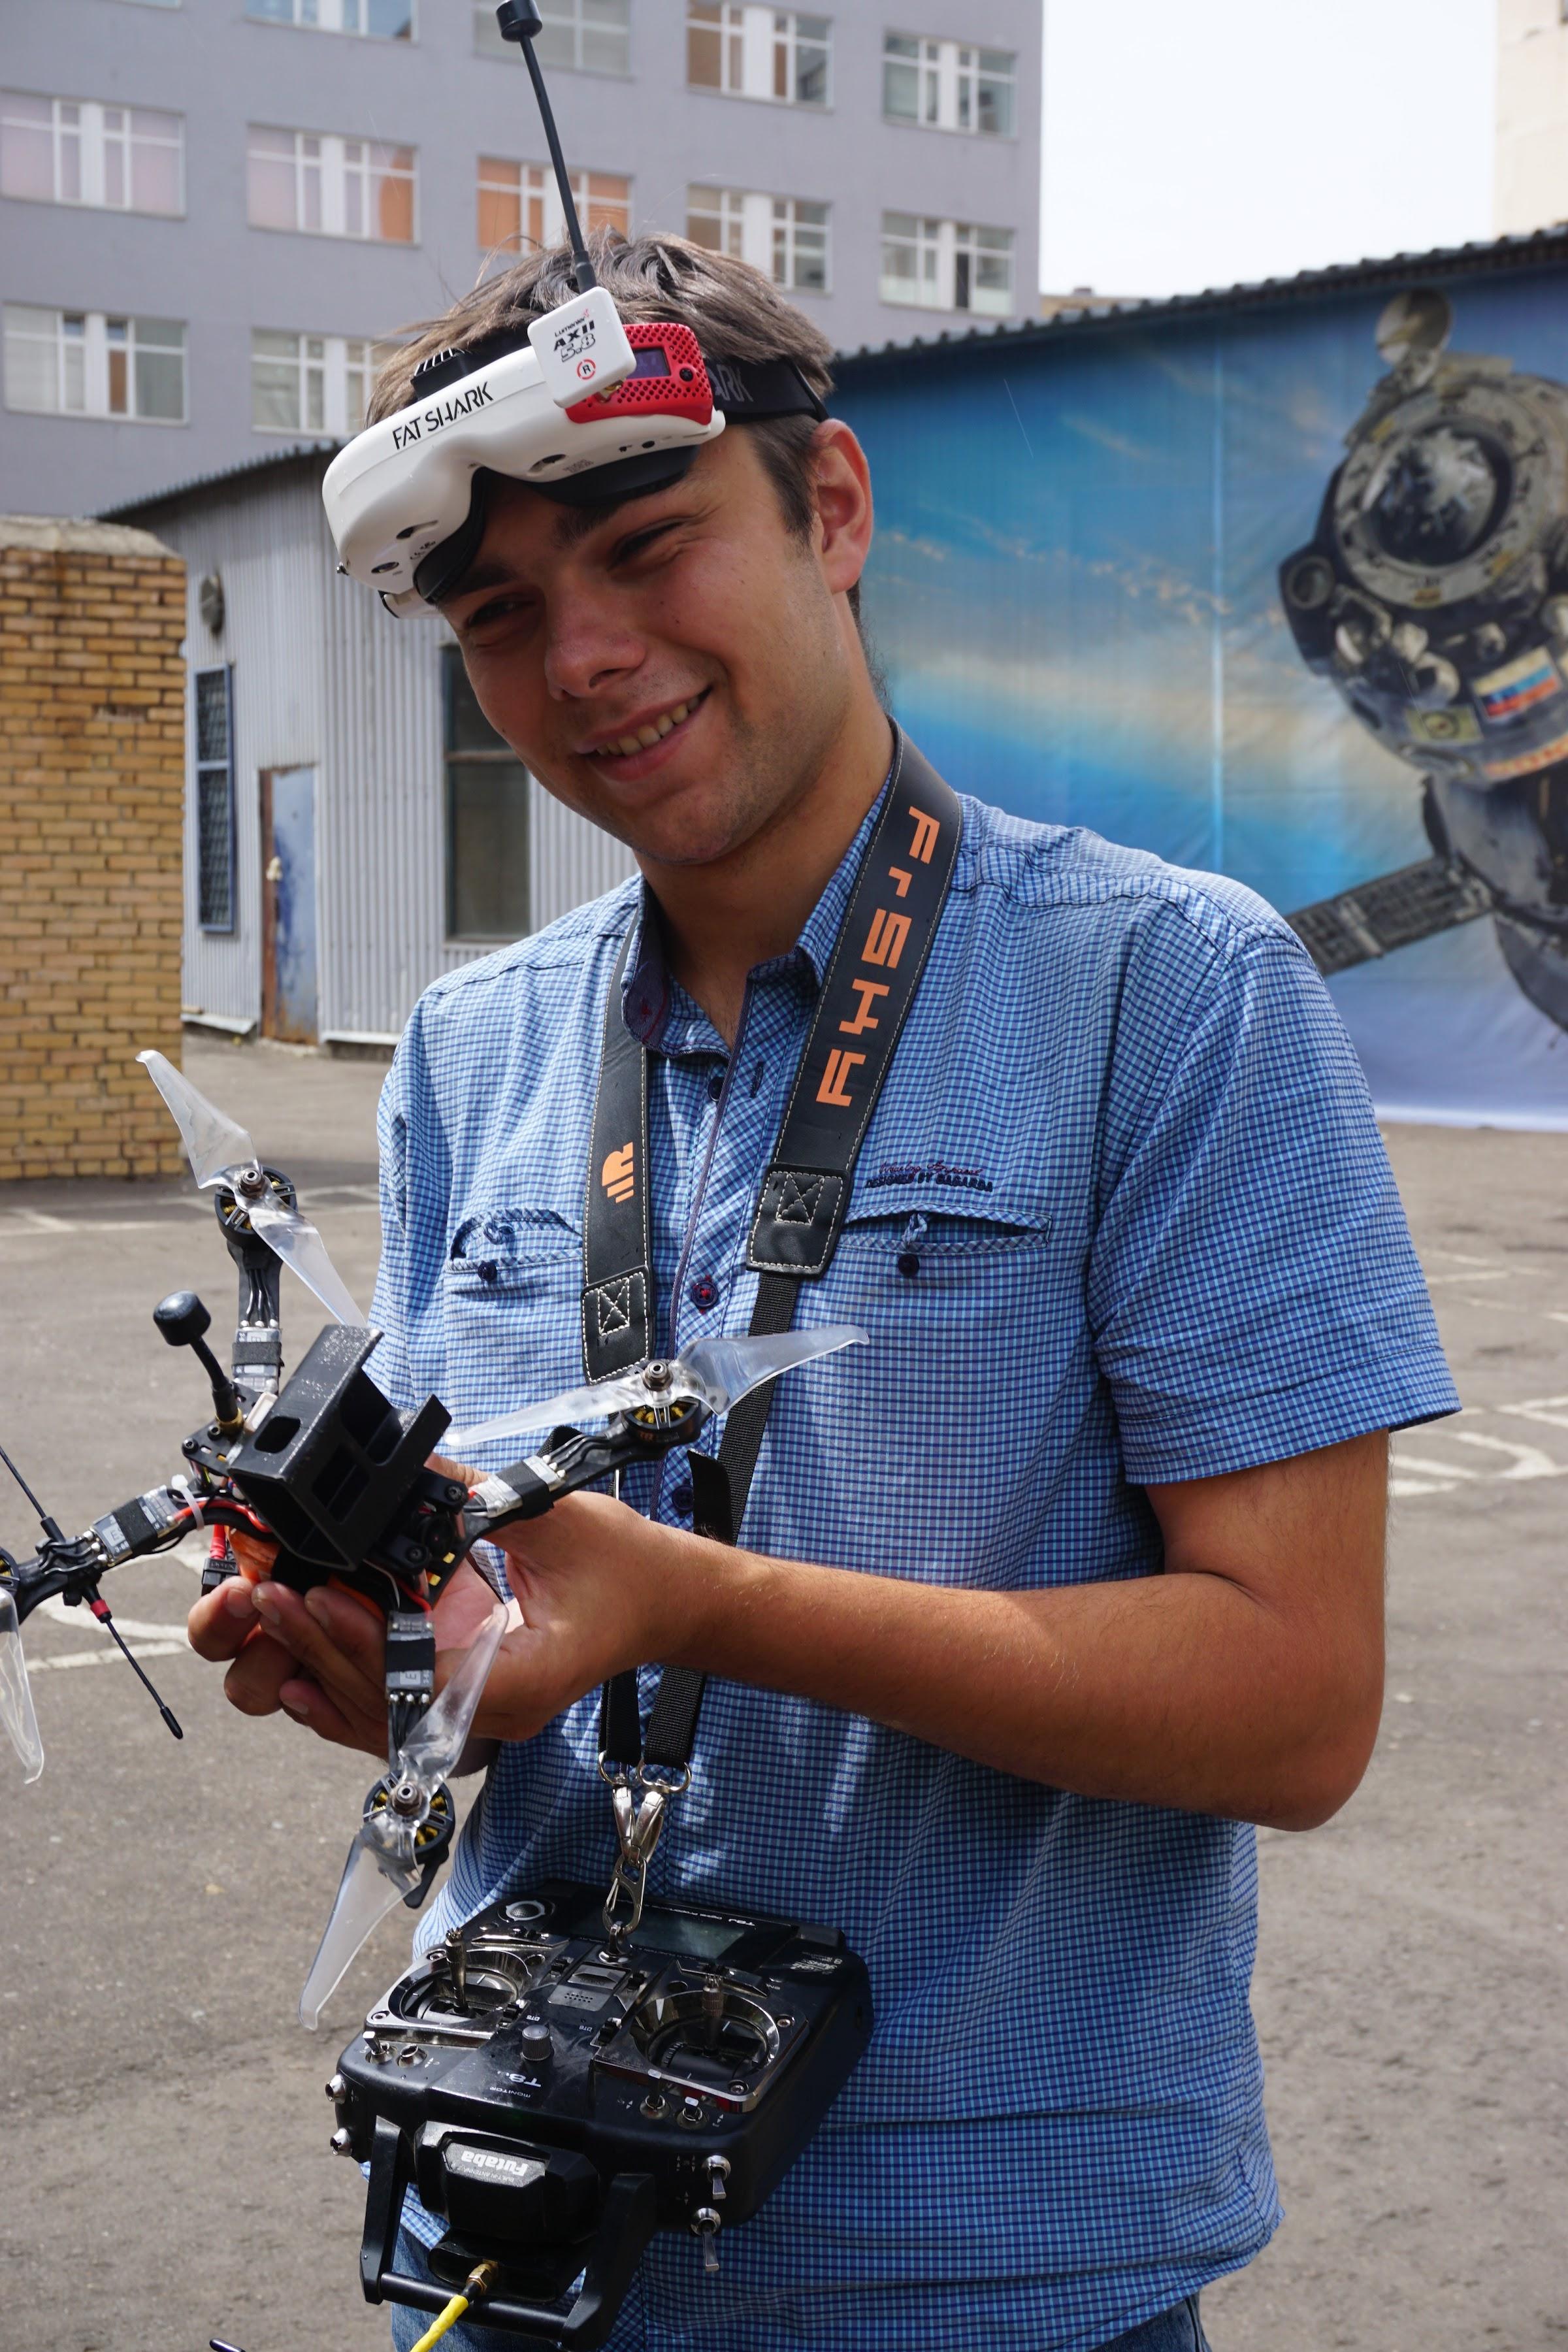 Школа дронов Территория взлёта в МАИ